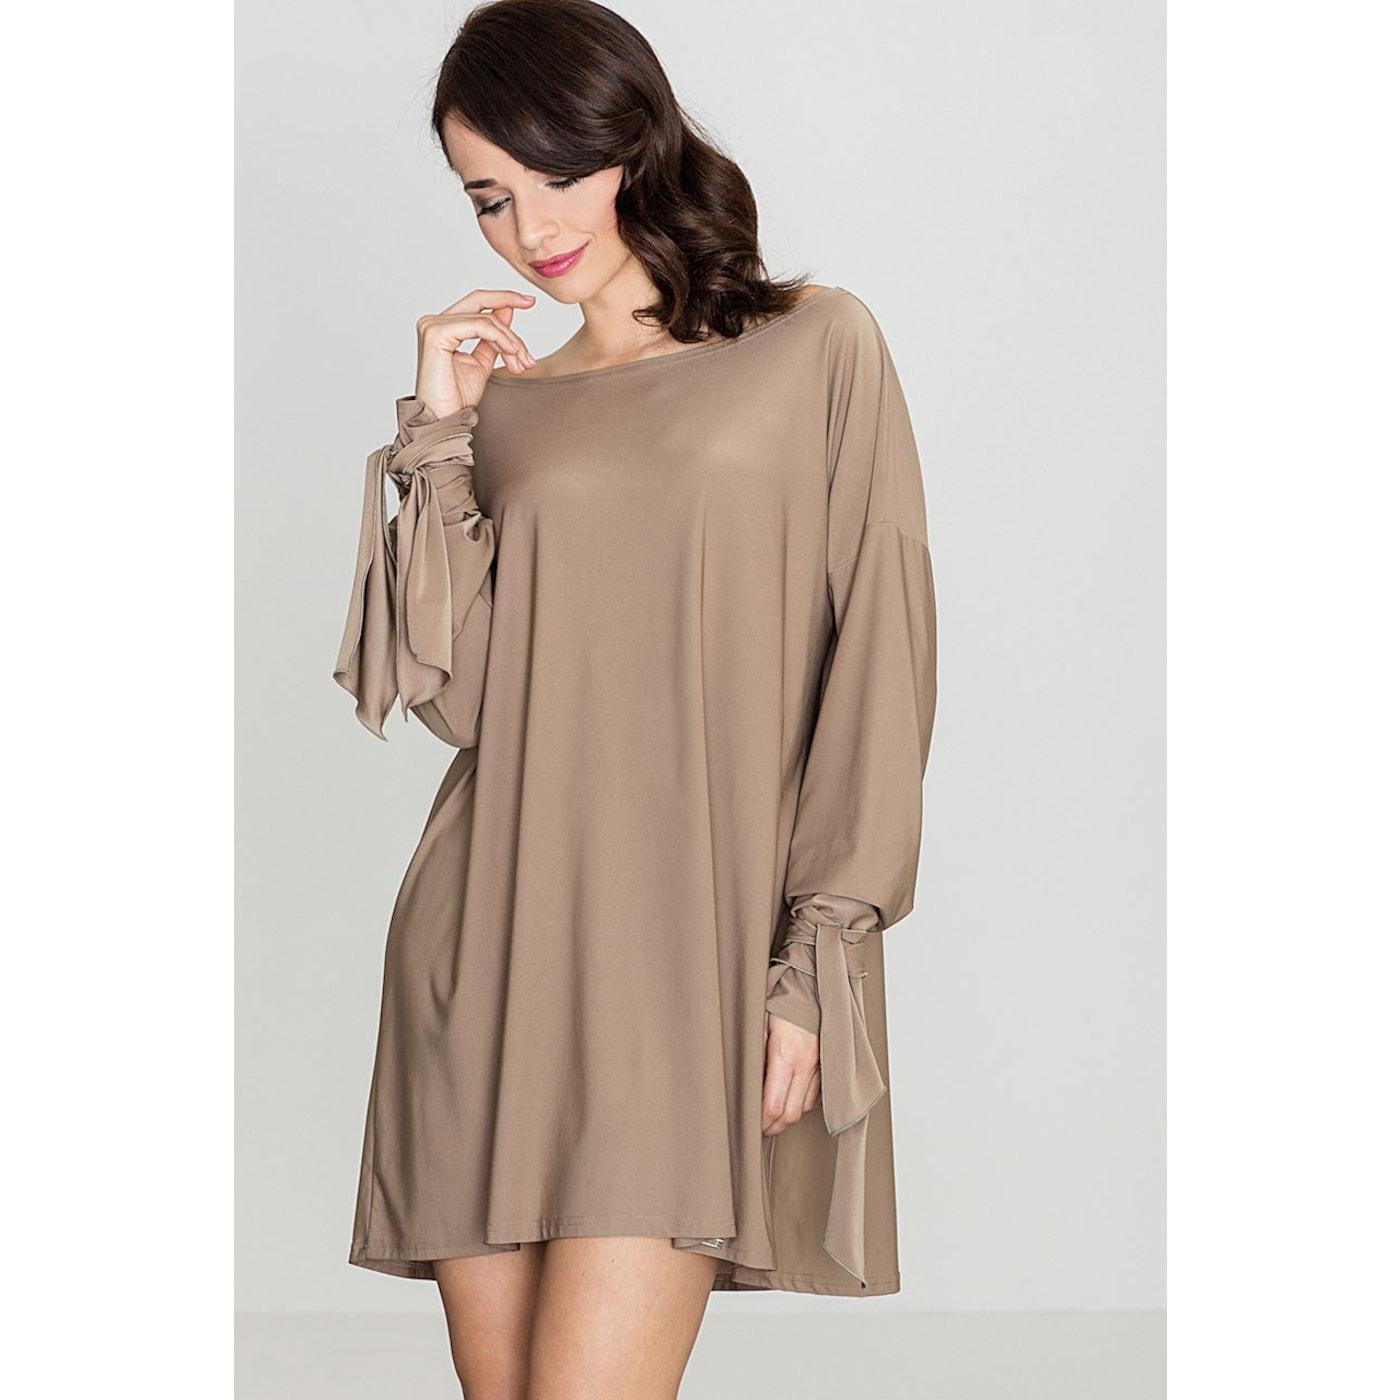 Katrus Womans Dress K439 dámské Beige L